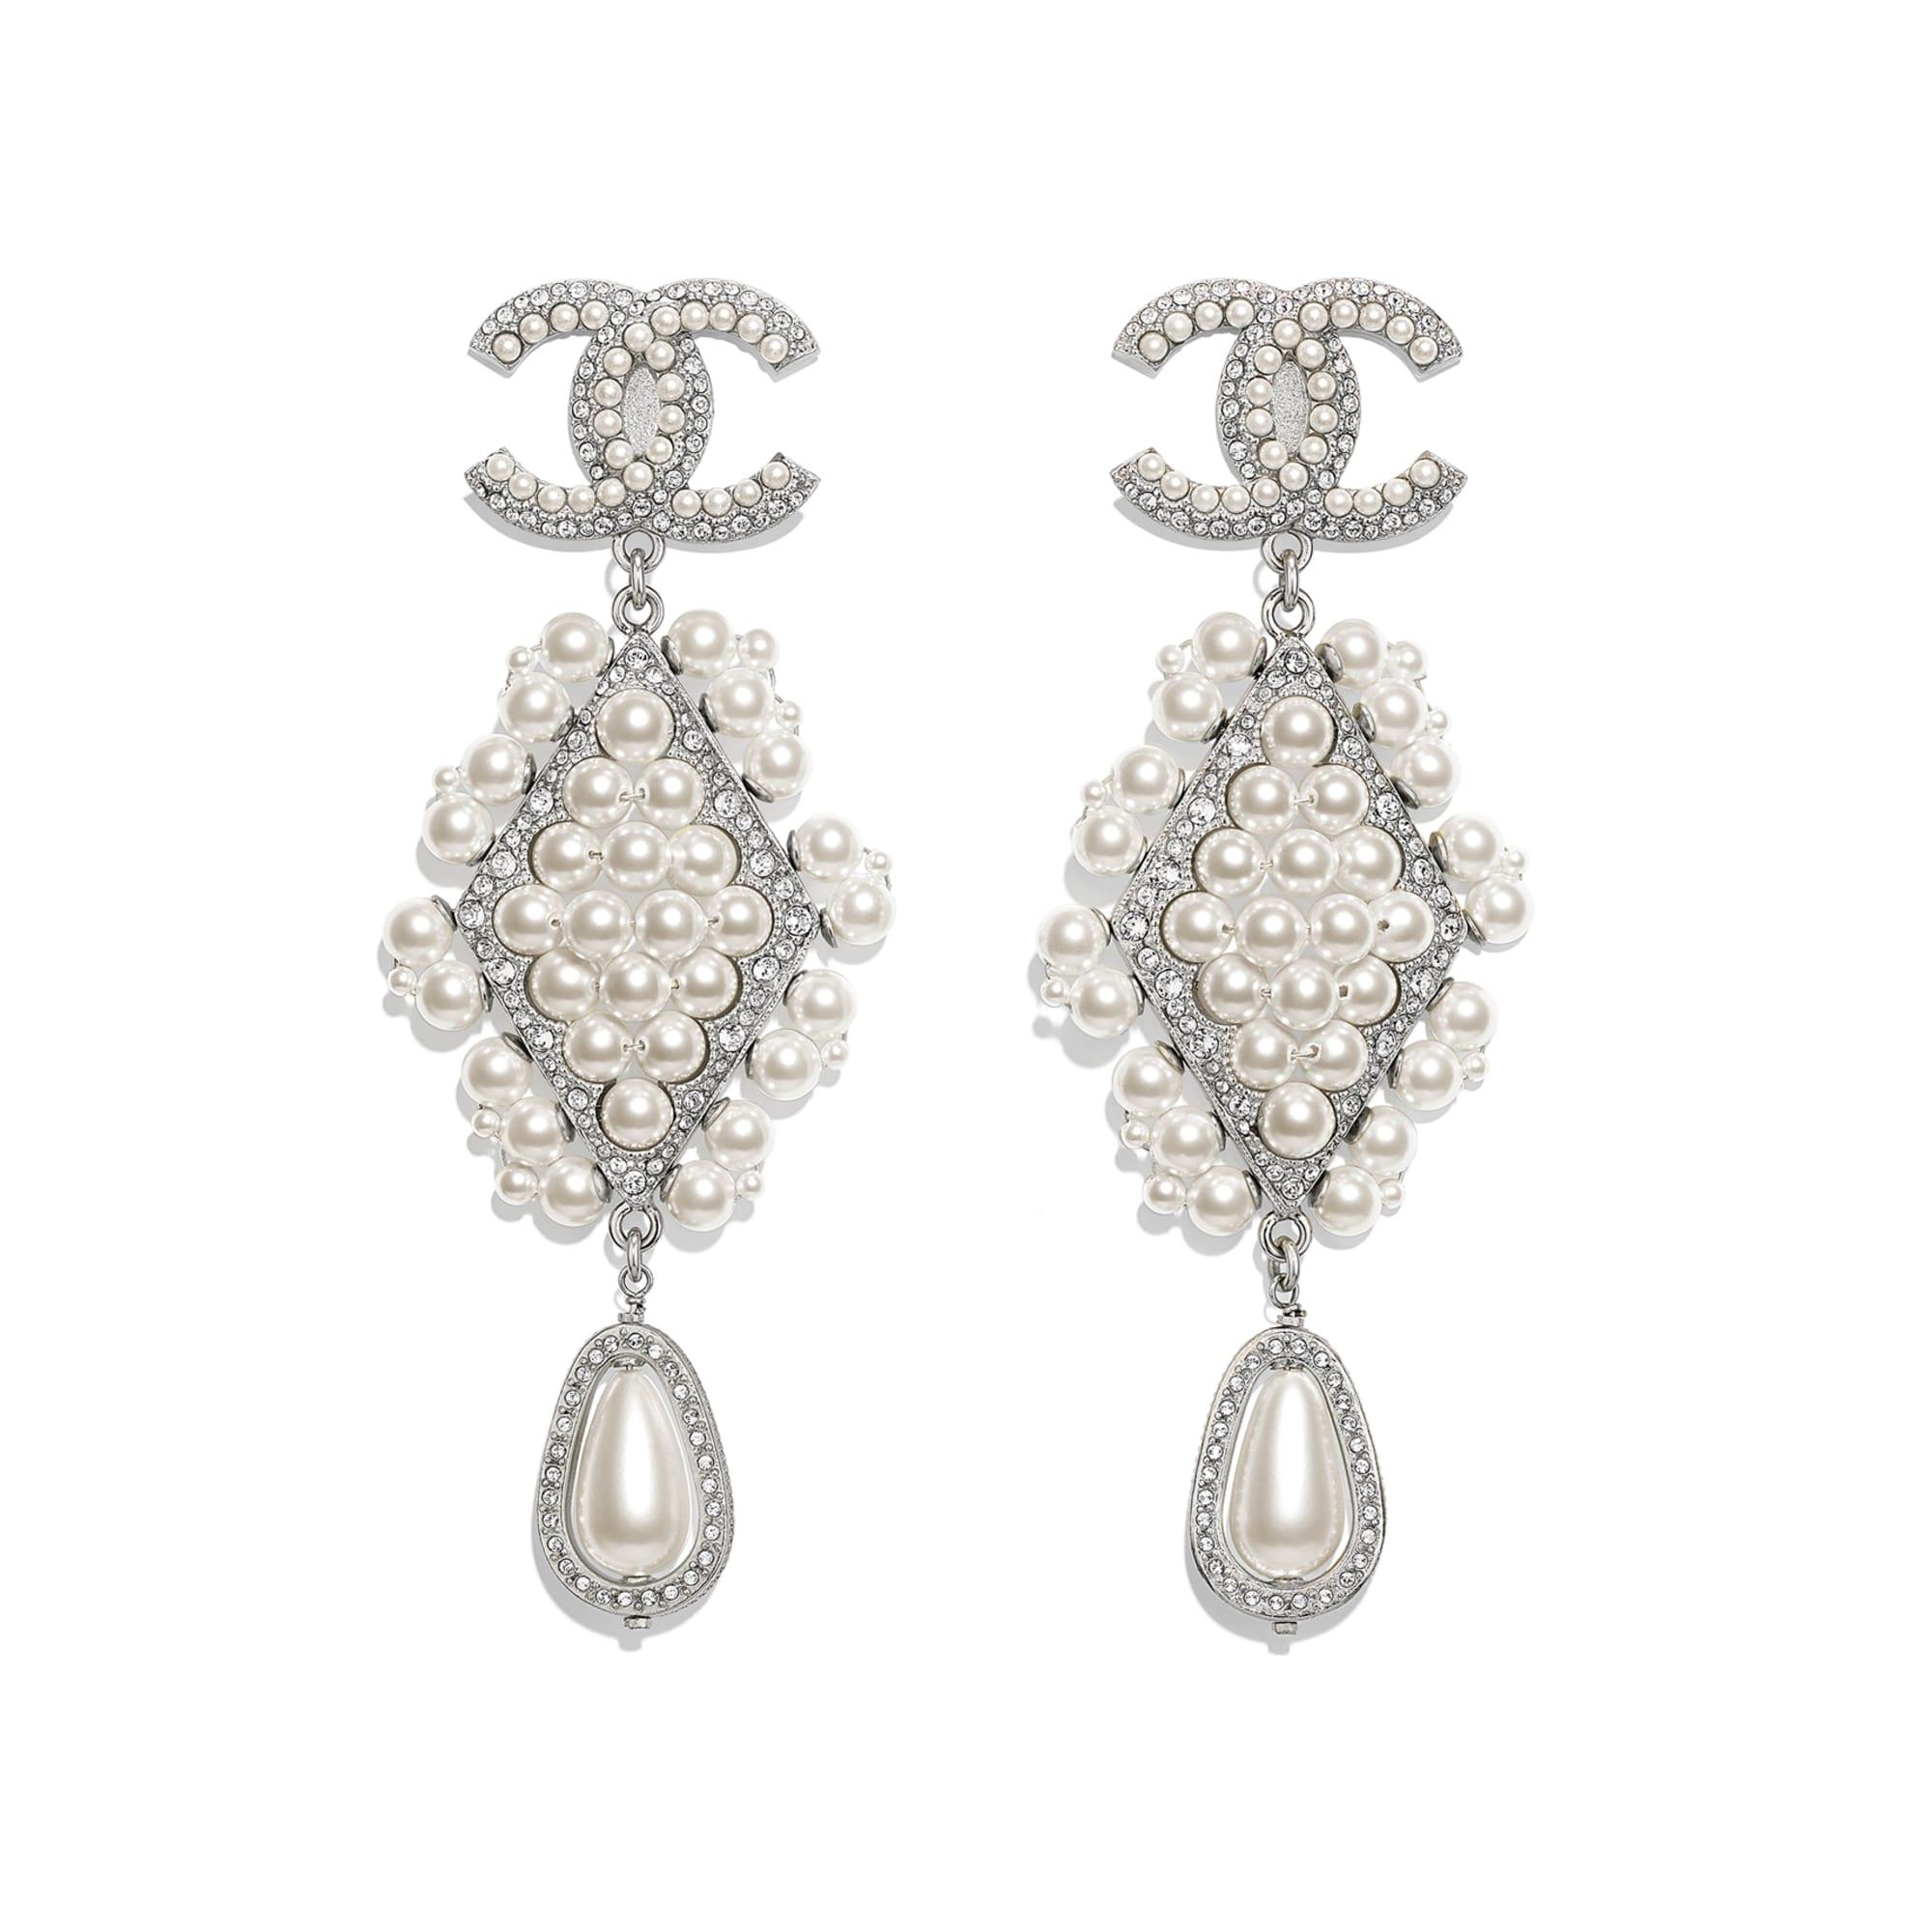 Klipsy - Kolor srebrny, perłowobiały i krystaliczny - Metal, szklane perły i stras - Widok domyślny – zobacz w standardowym rozmiarze